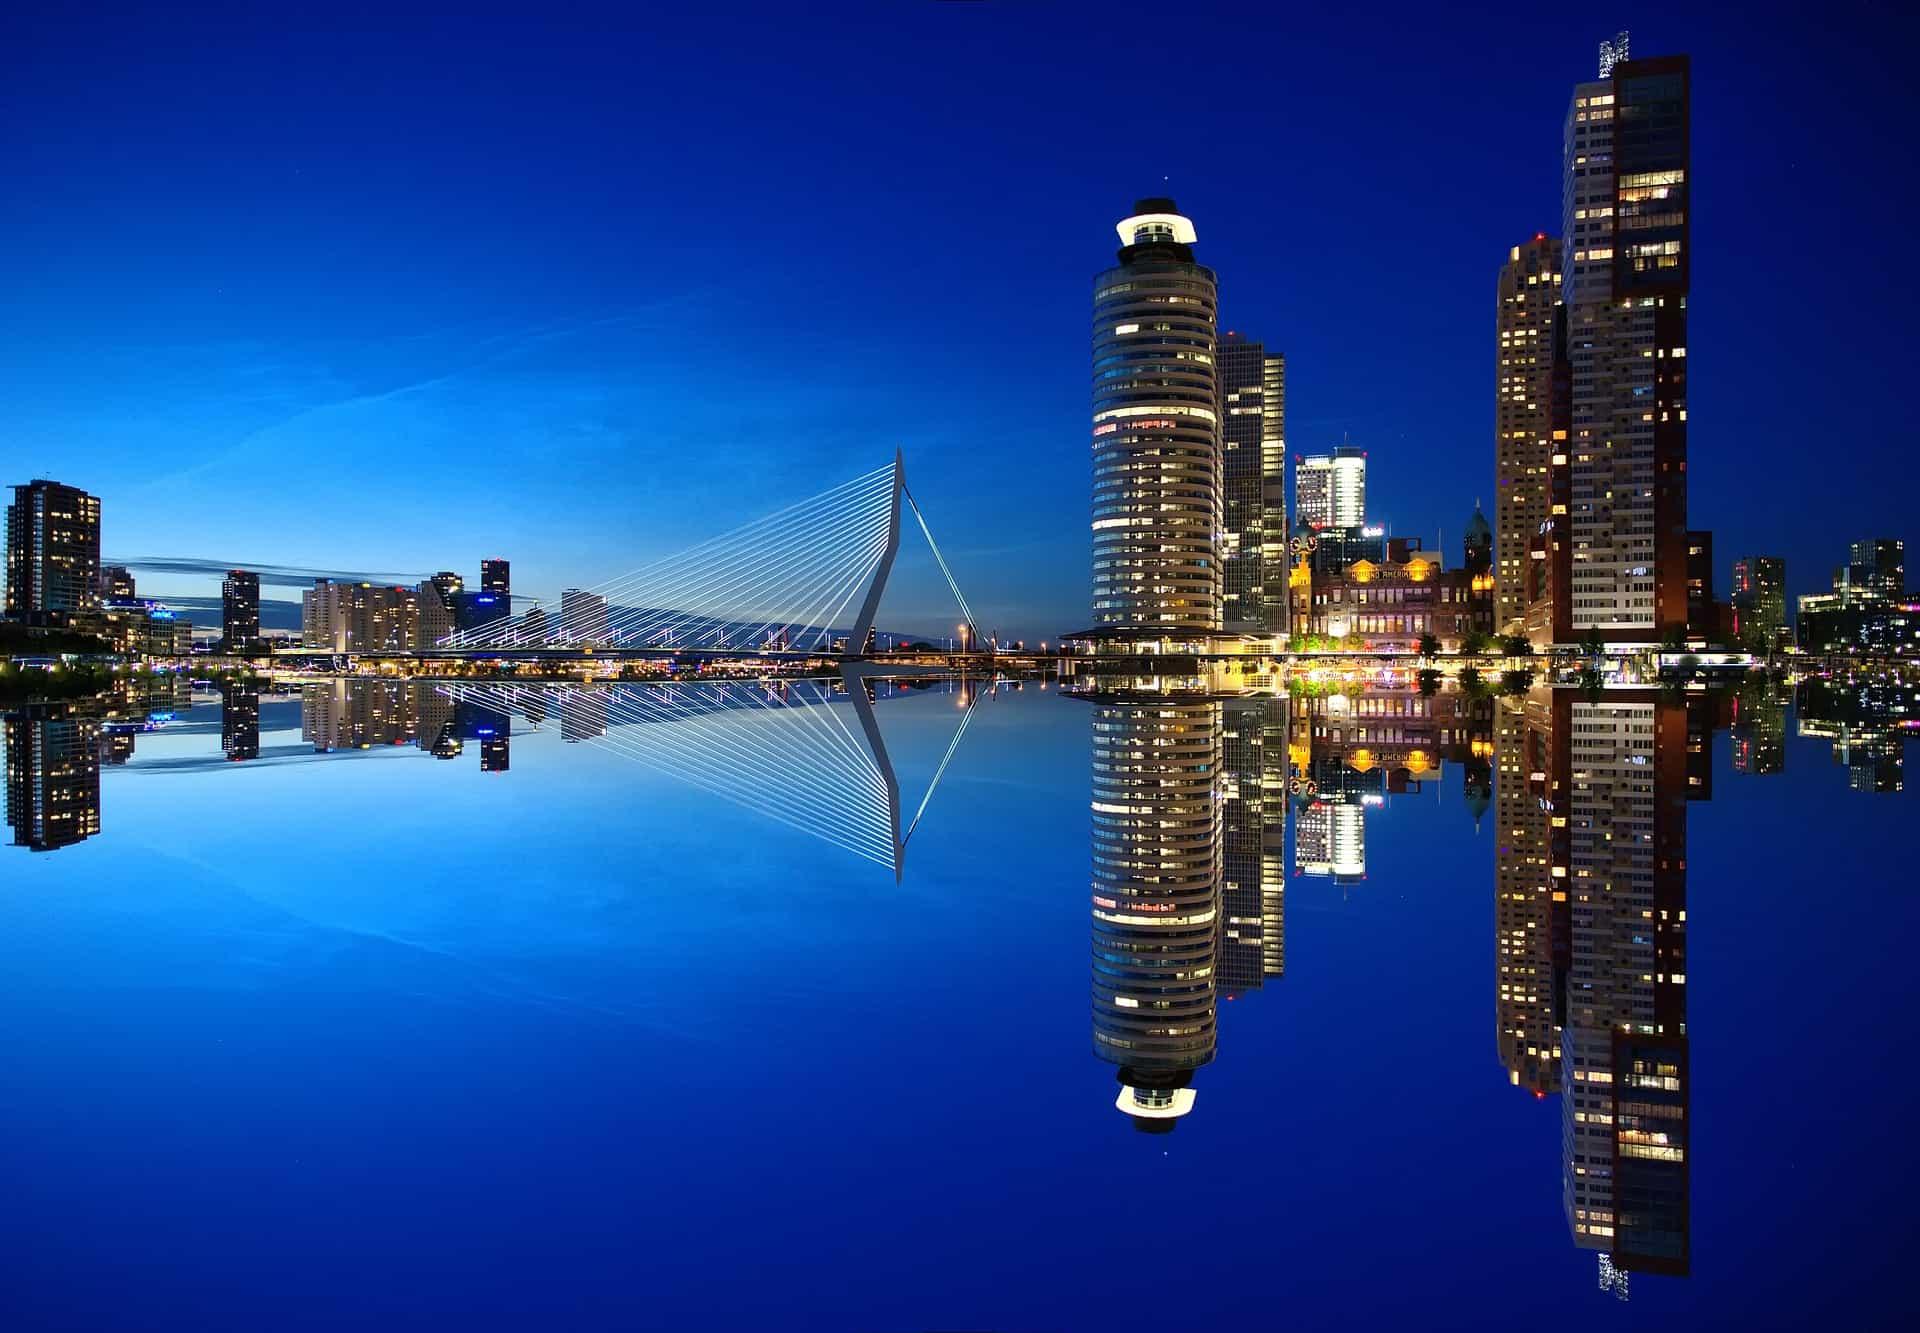 Bedrijfsuitje Rotterdam? De mooiste plekjes in deze unieke wereldstad